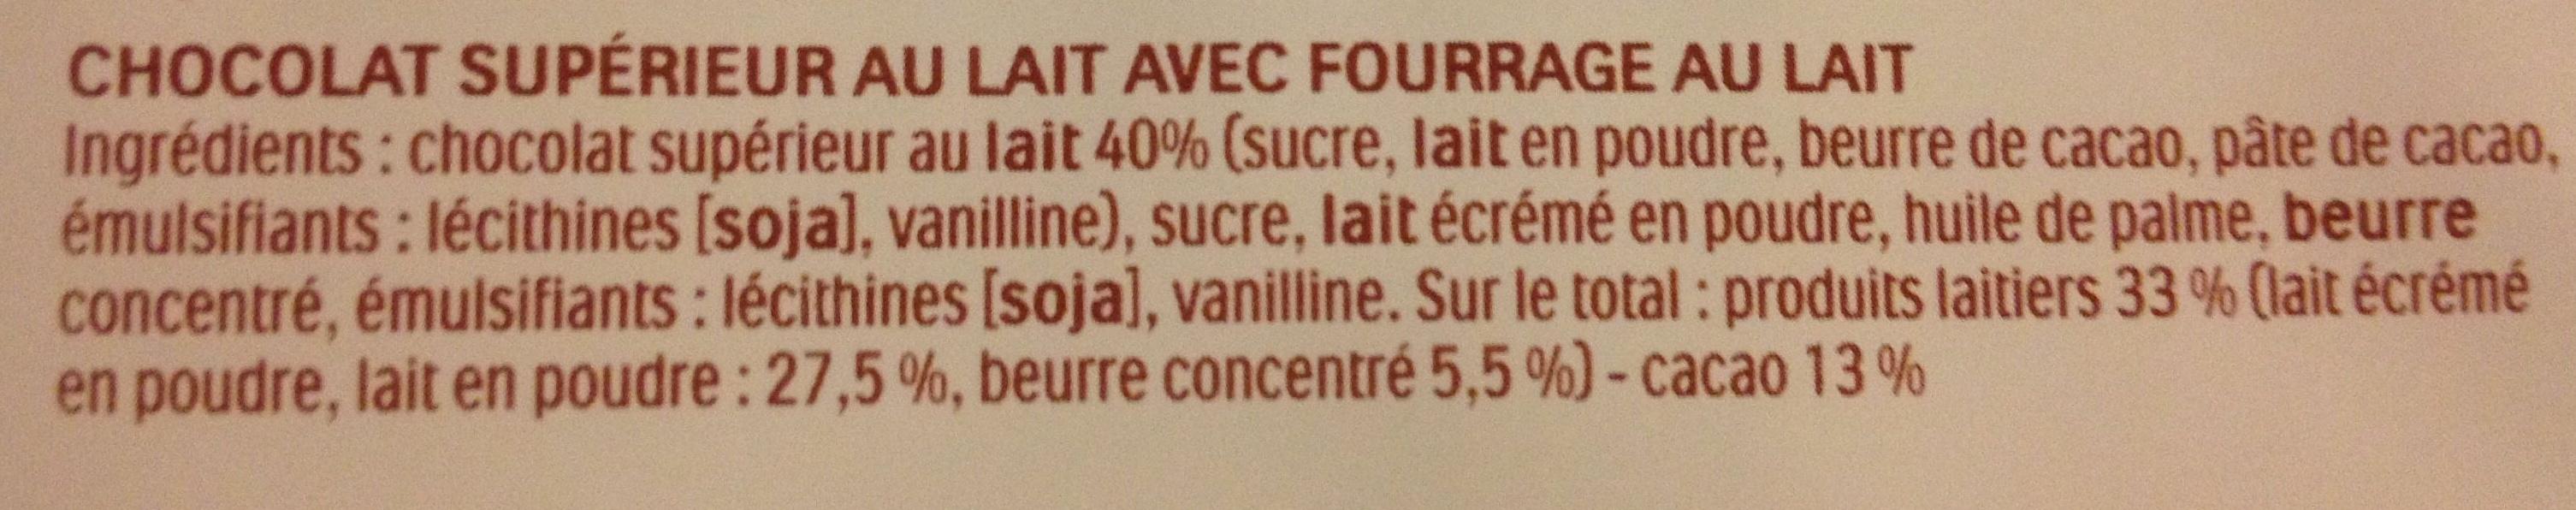 16 batonnets Chocolat - Ingrédients - fr